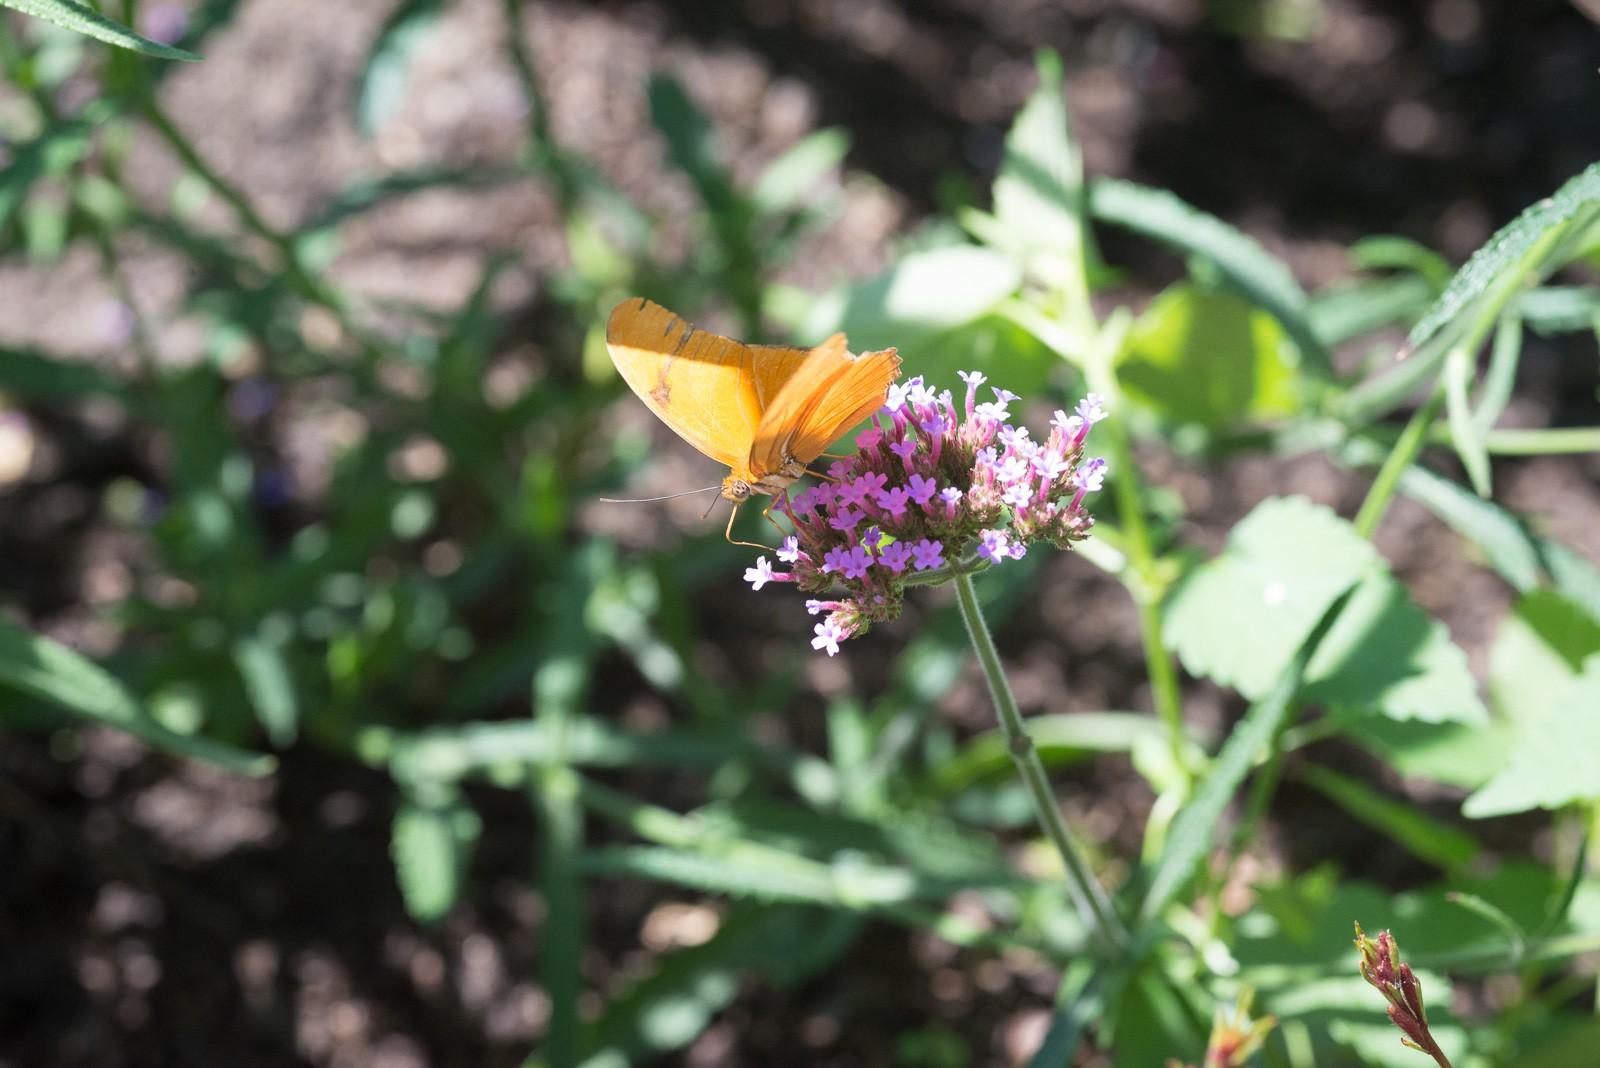 06-17-16 Chicago Botanic Garden-275.jpg